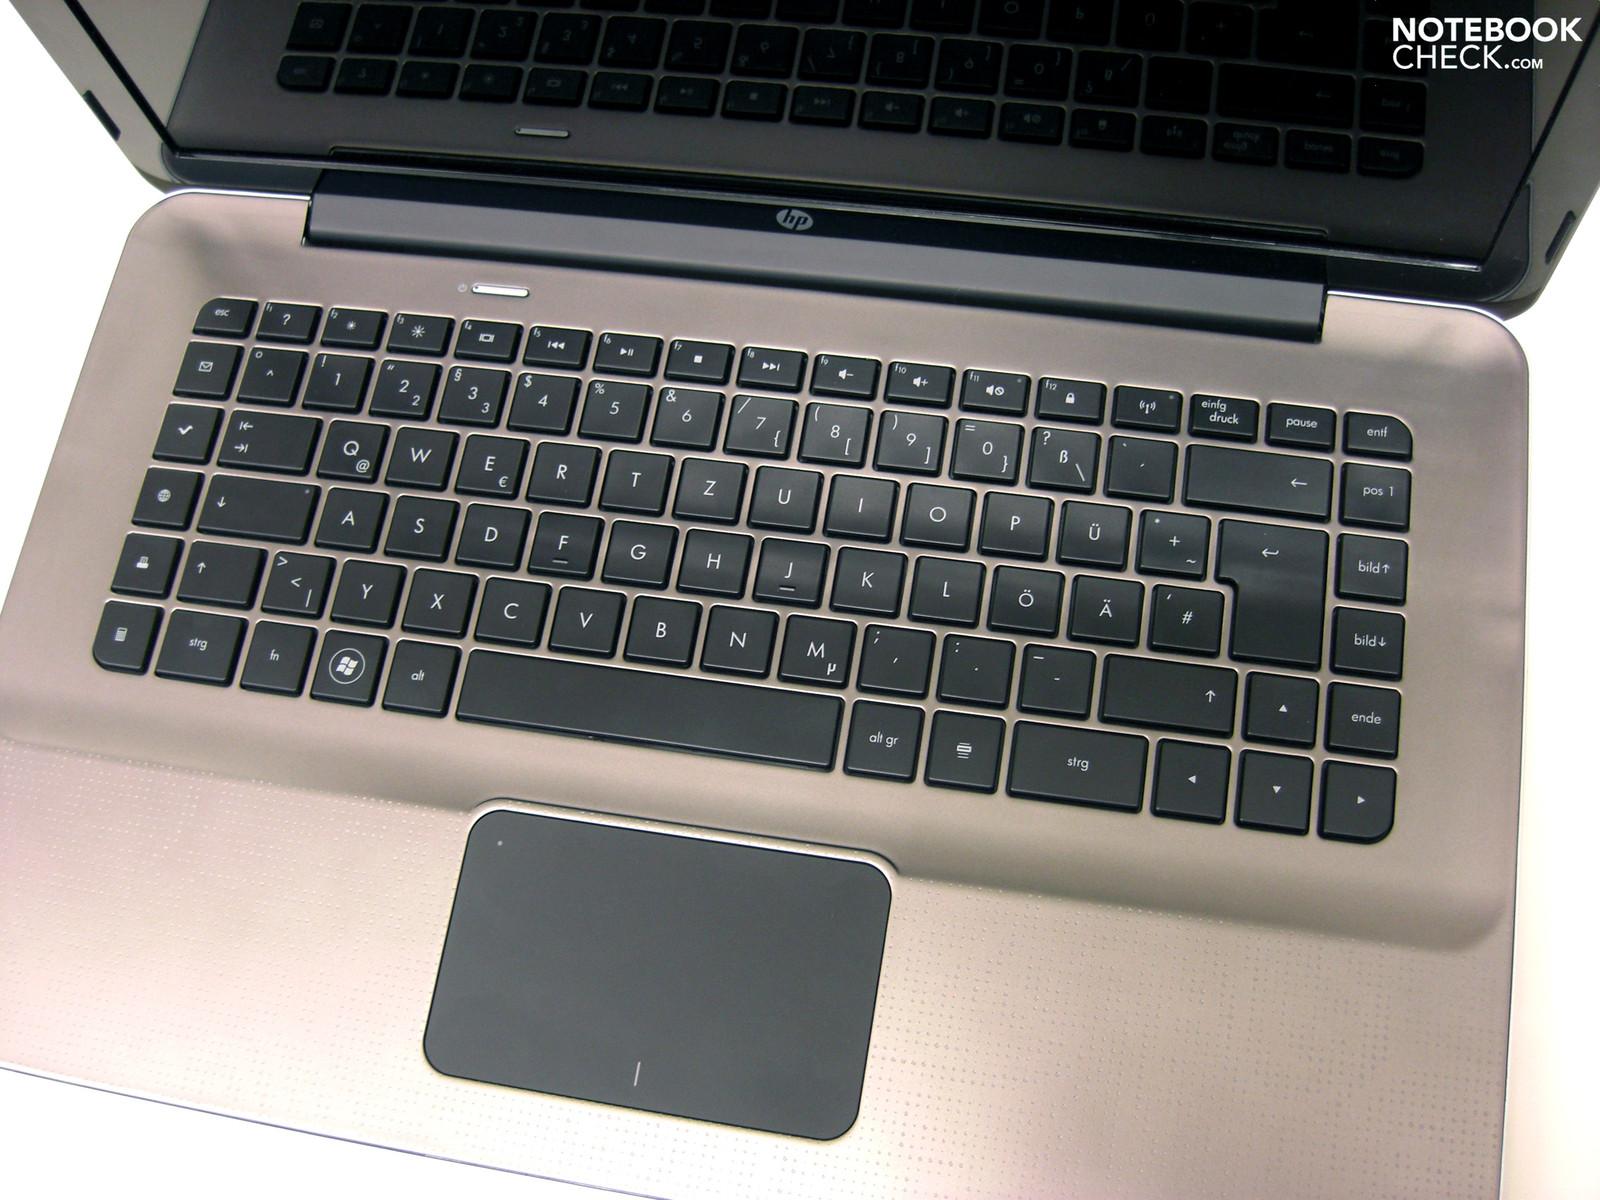 Notebook samsung com teclado numerico - Teclado